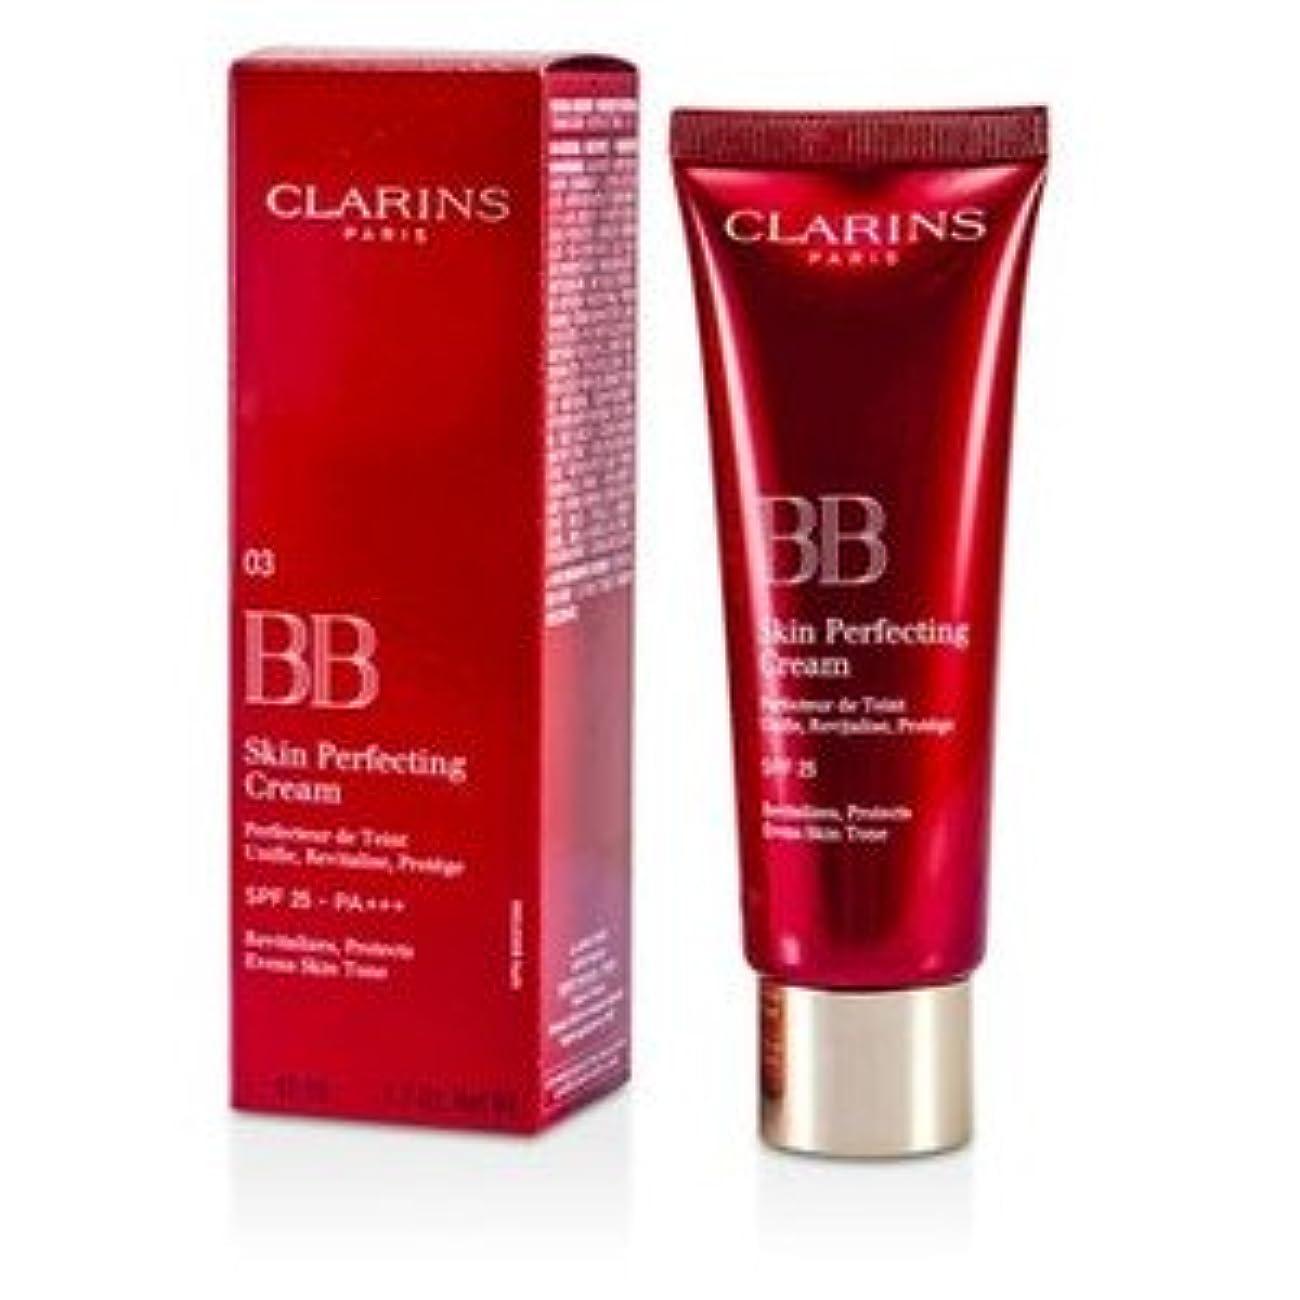 CLARINS(クラランス) BB スキン パーフェクティング クリーム SPF25 - #03 ダーク 45ml/1.7oz [並行輸入品]